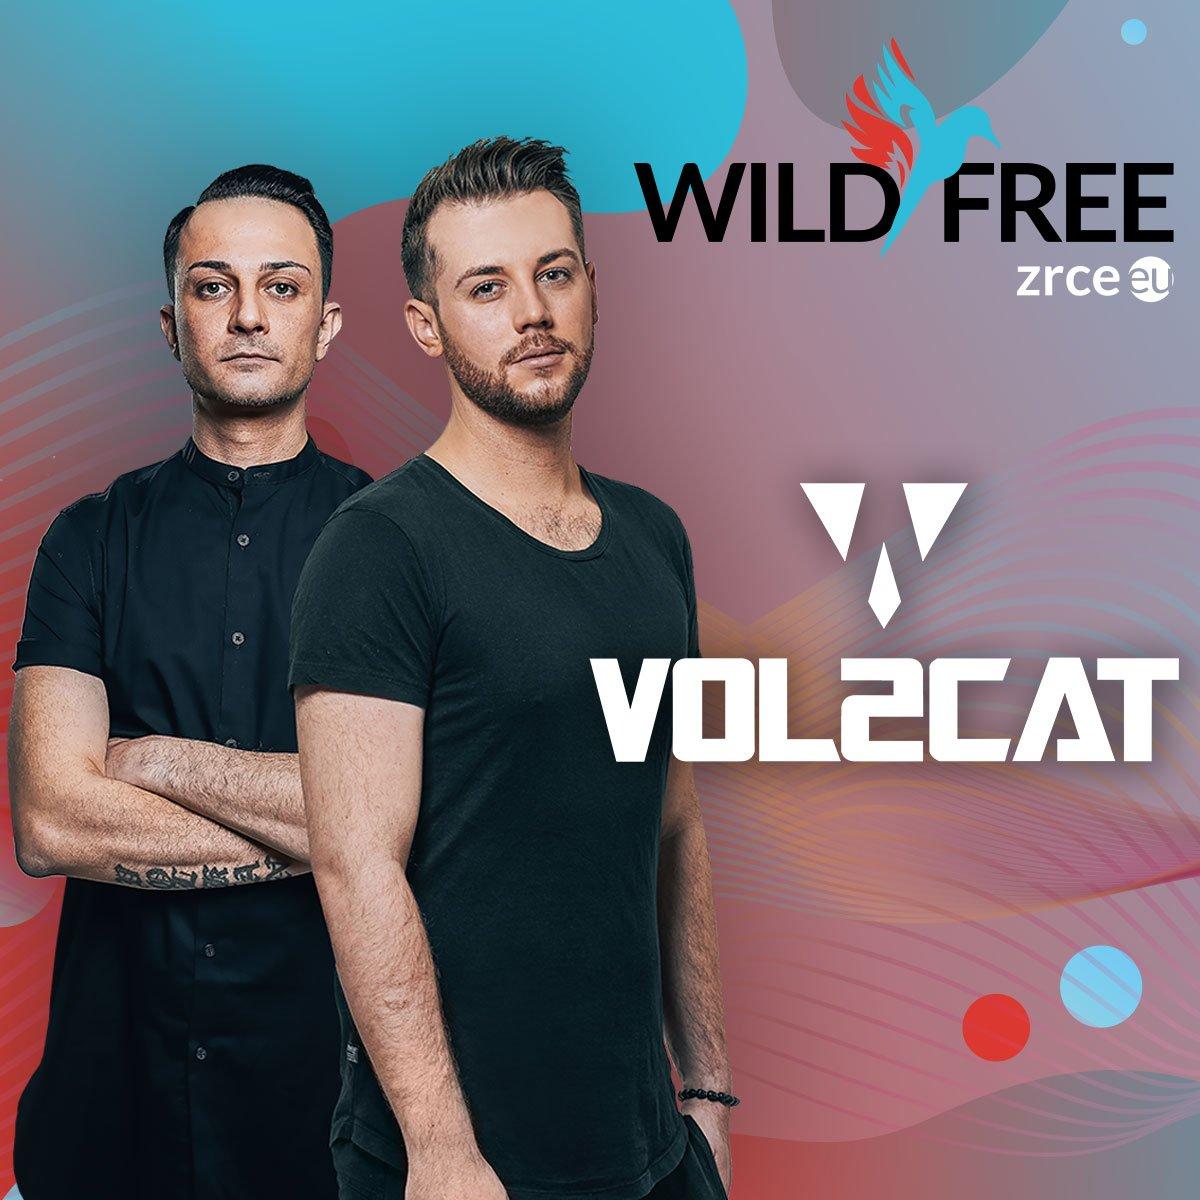 Vol2Cat Zrce 2019